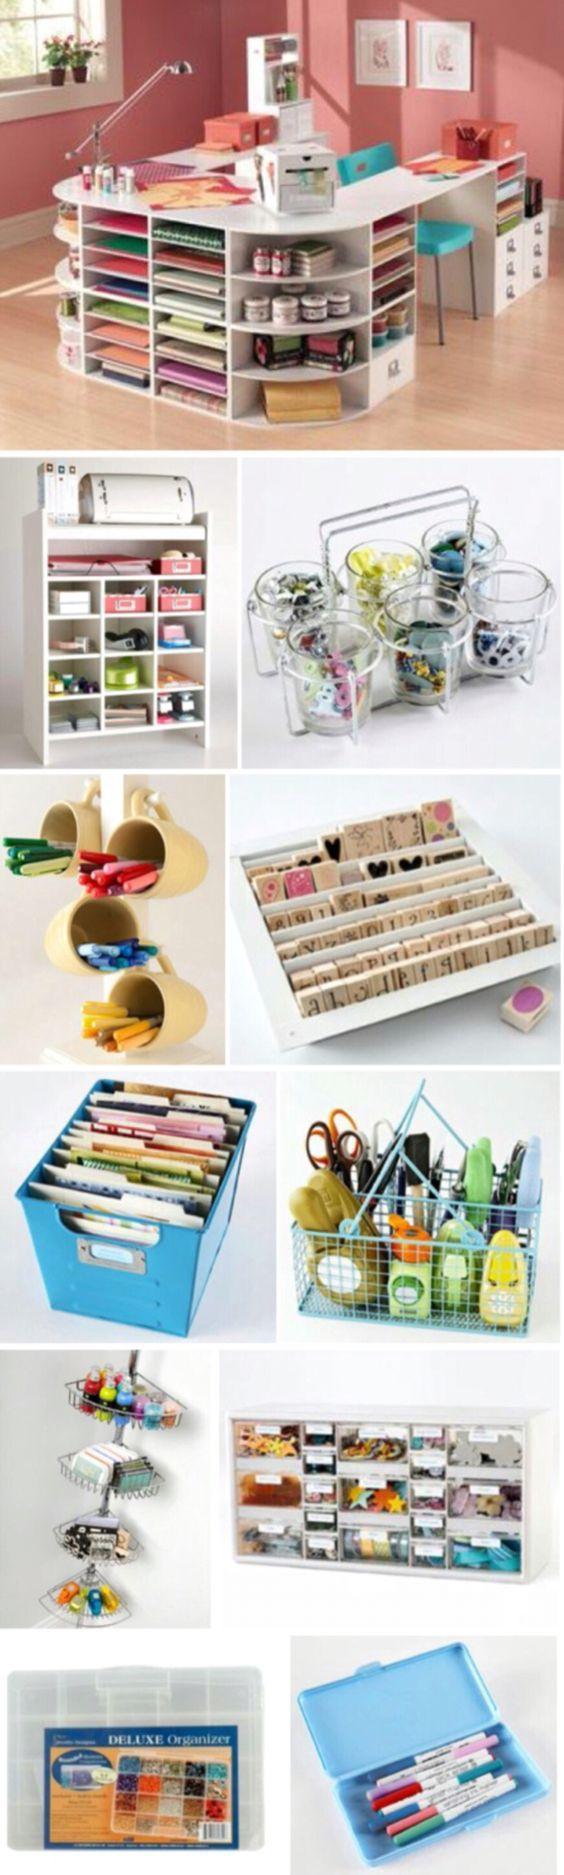 Ikea Faktum Legs Installation ~   auf Pinterest  Bastelarbeiten, Aufbewahrung und Hobby bastelraum